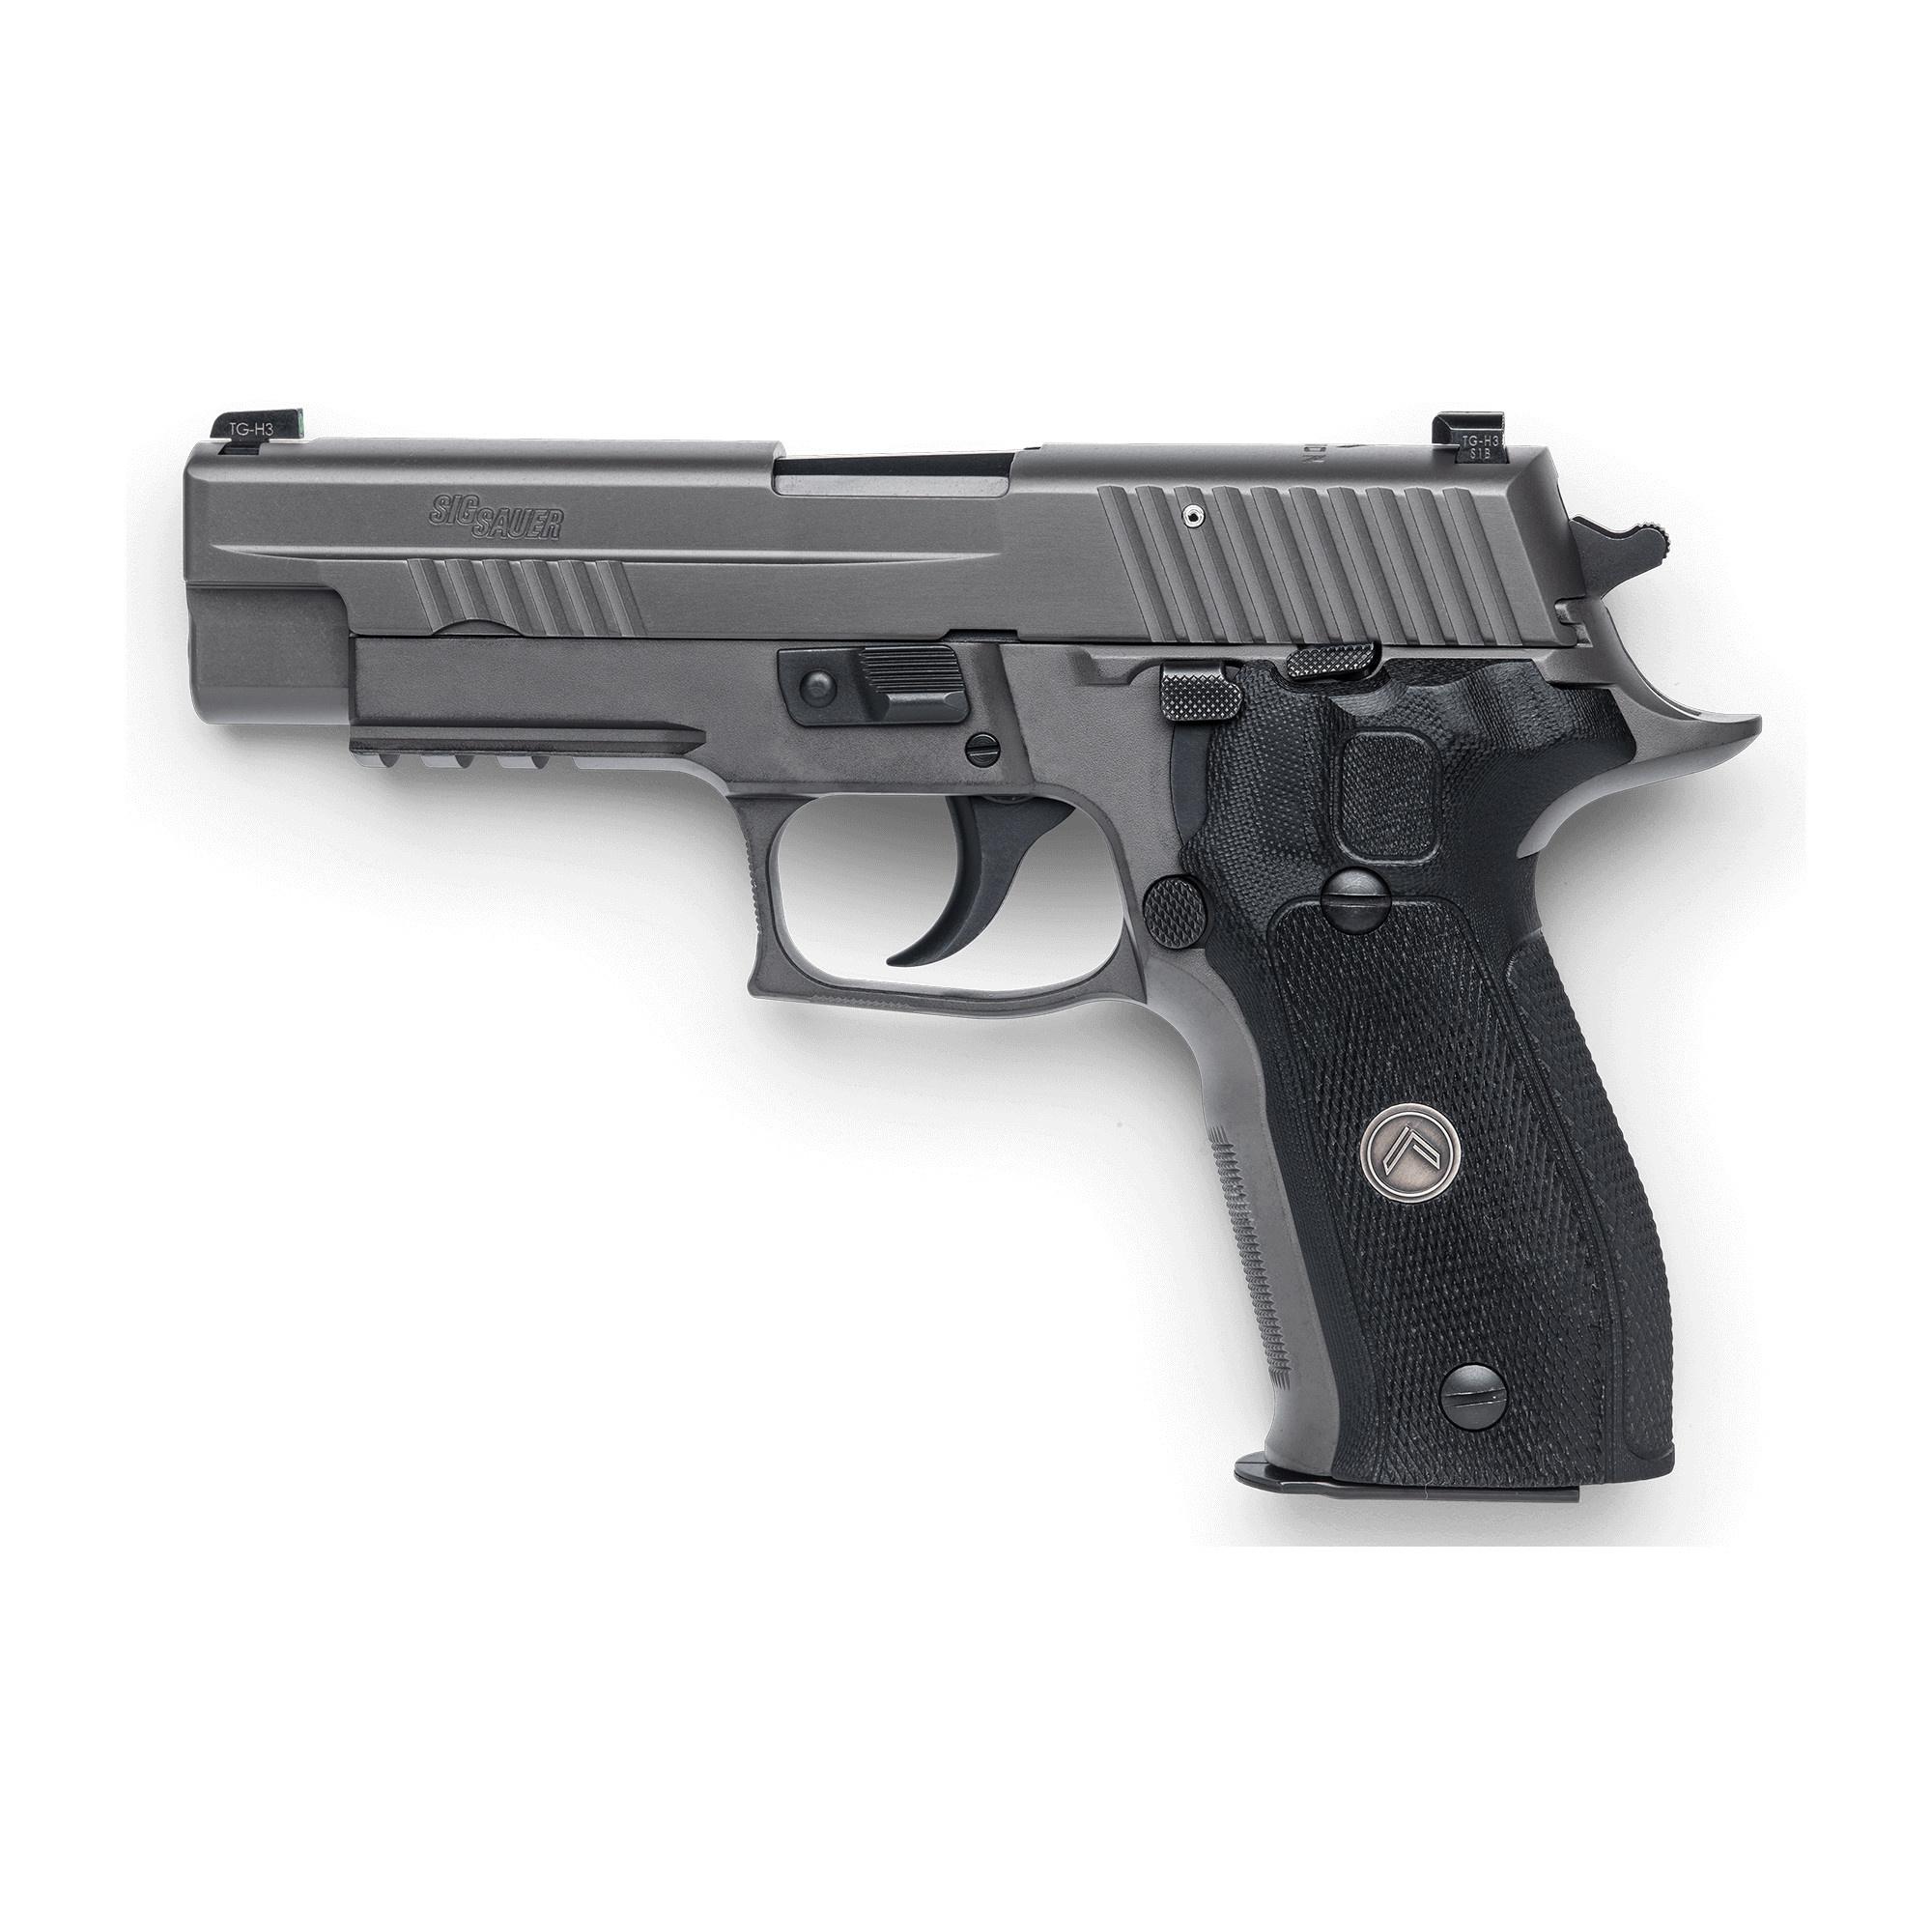 Sig Sauer SIG SAUER P226 40sw LEGION 40 S&W